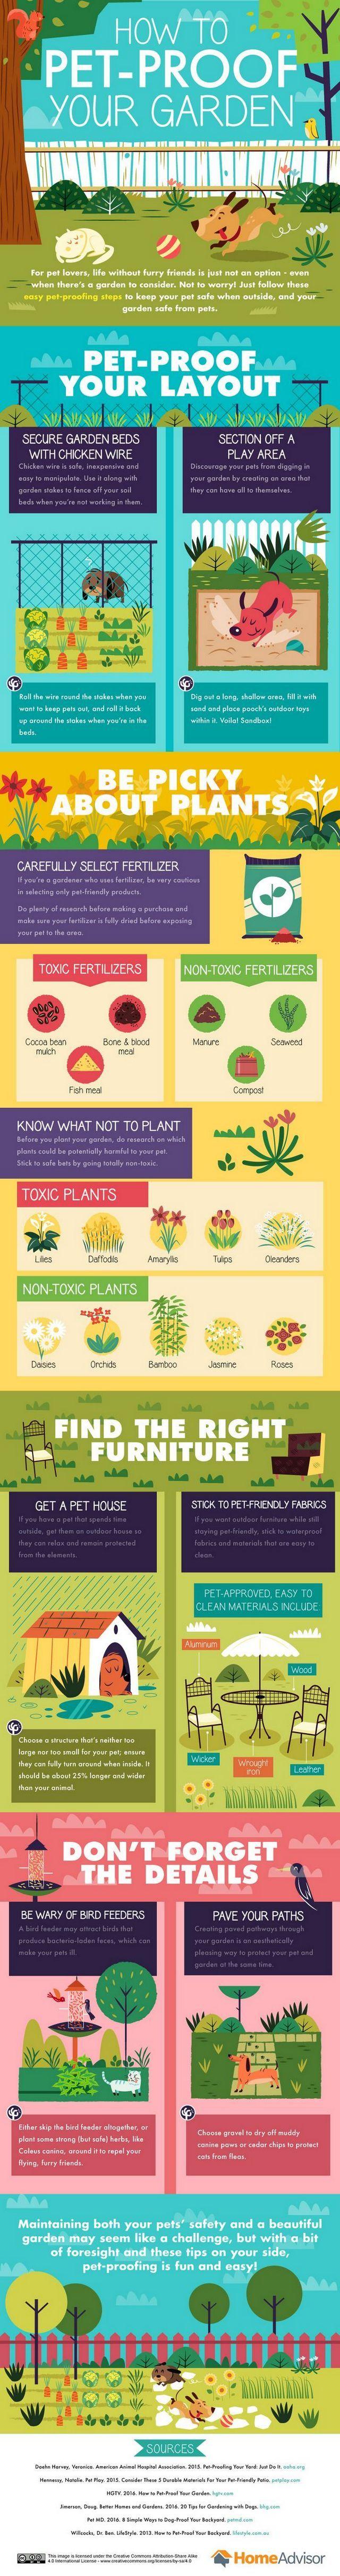 Comment Pet-Proof votre jardin